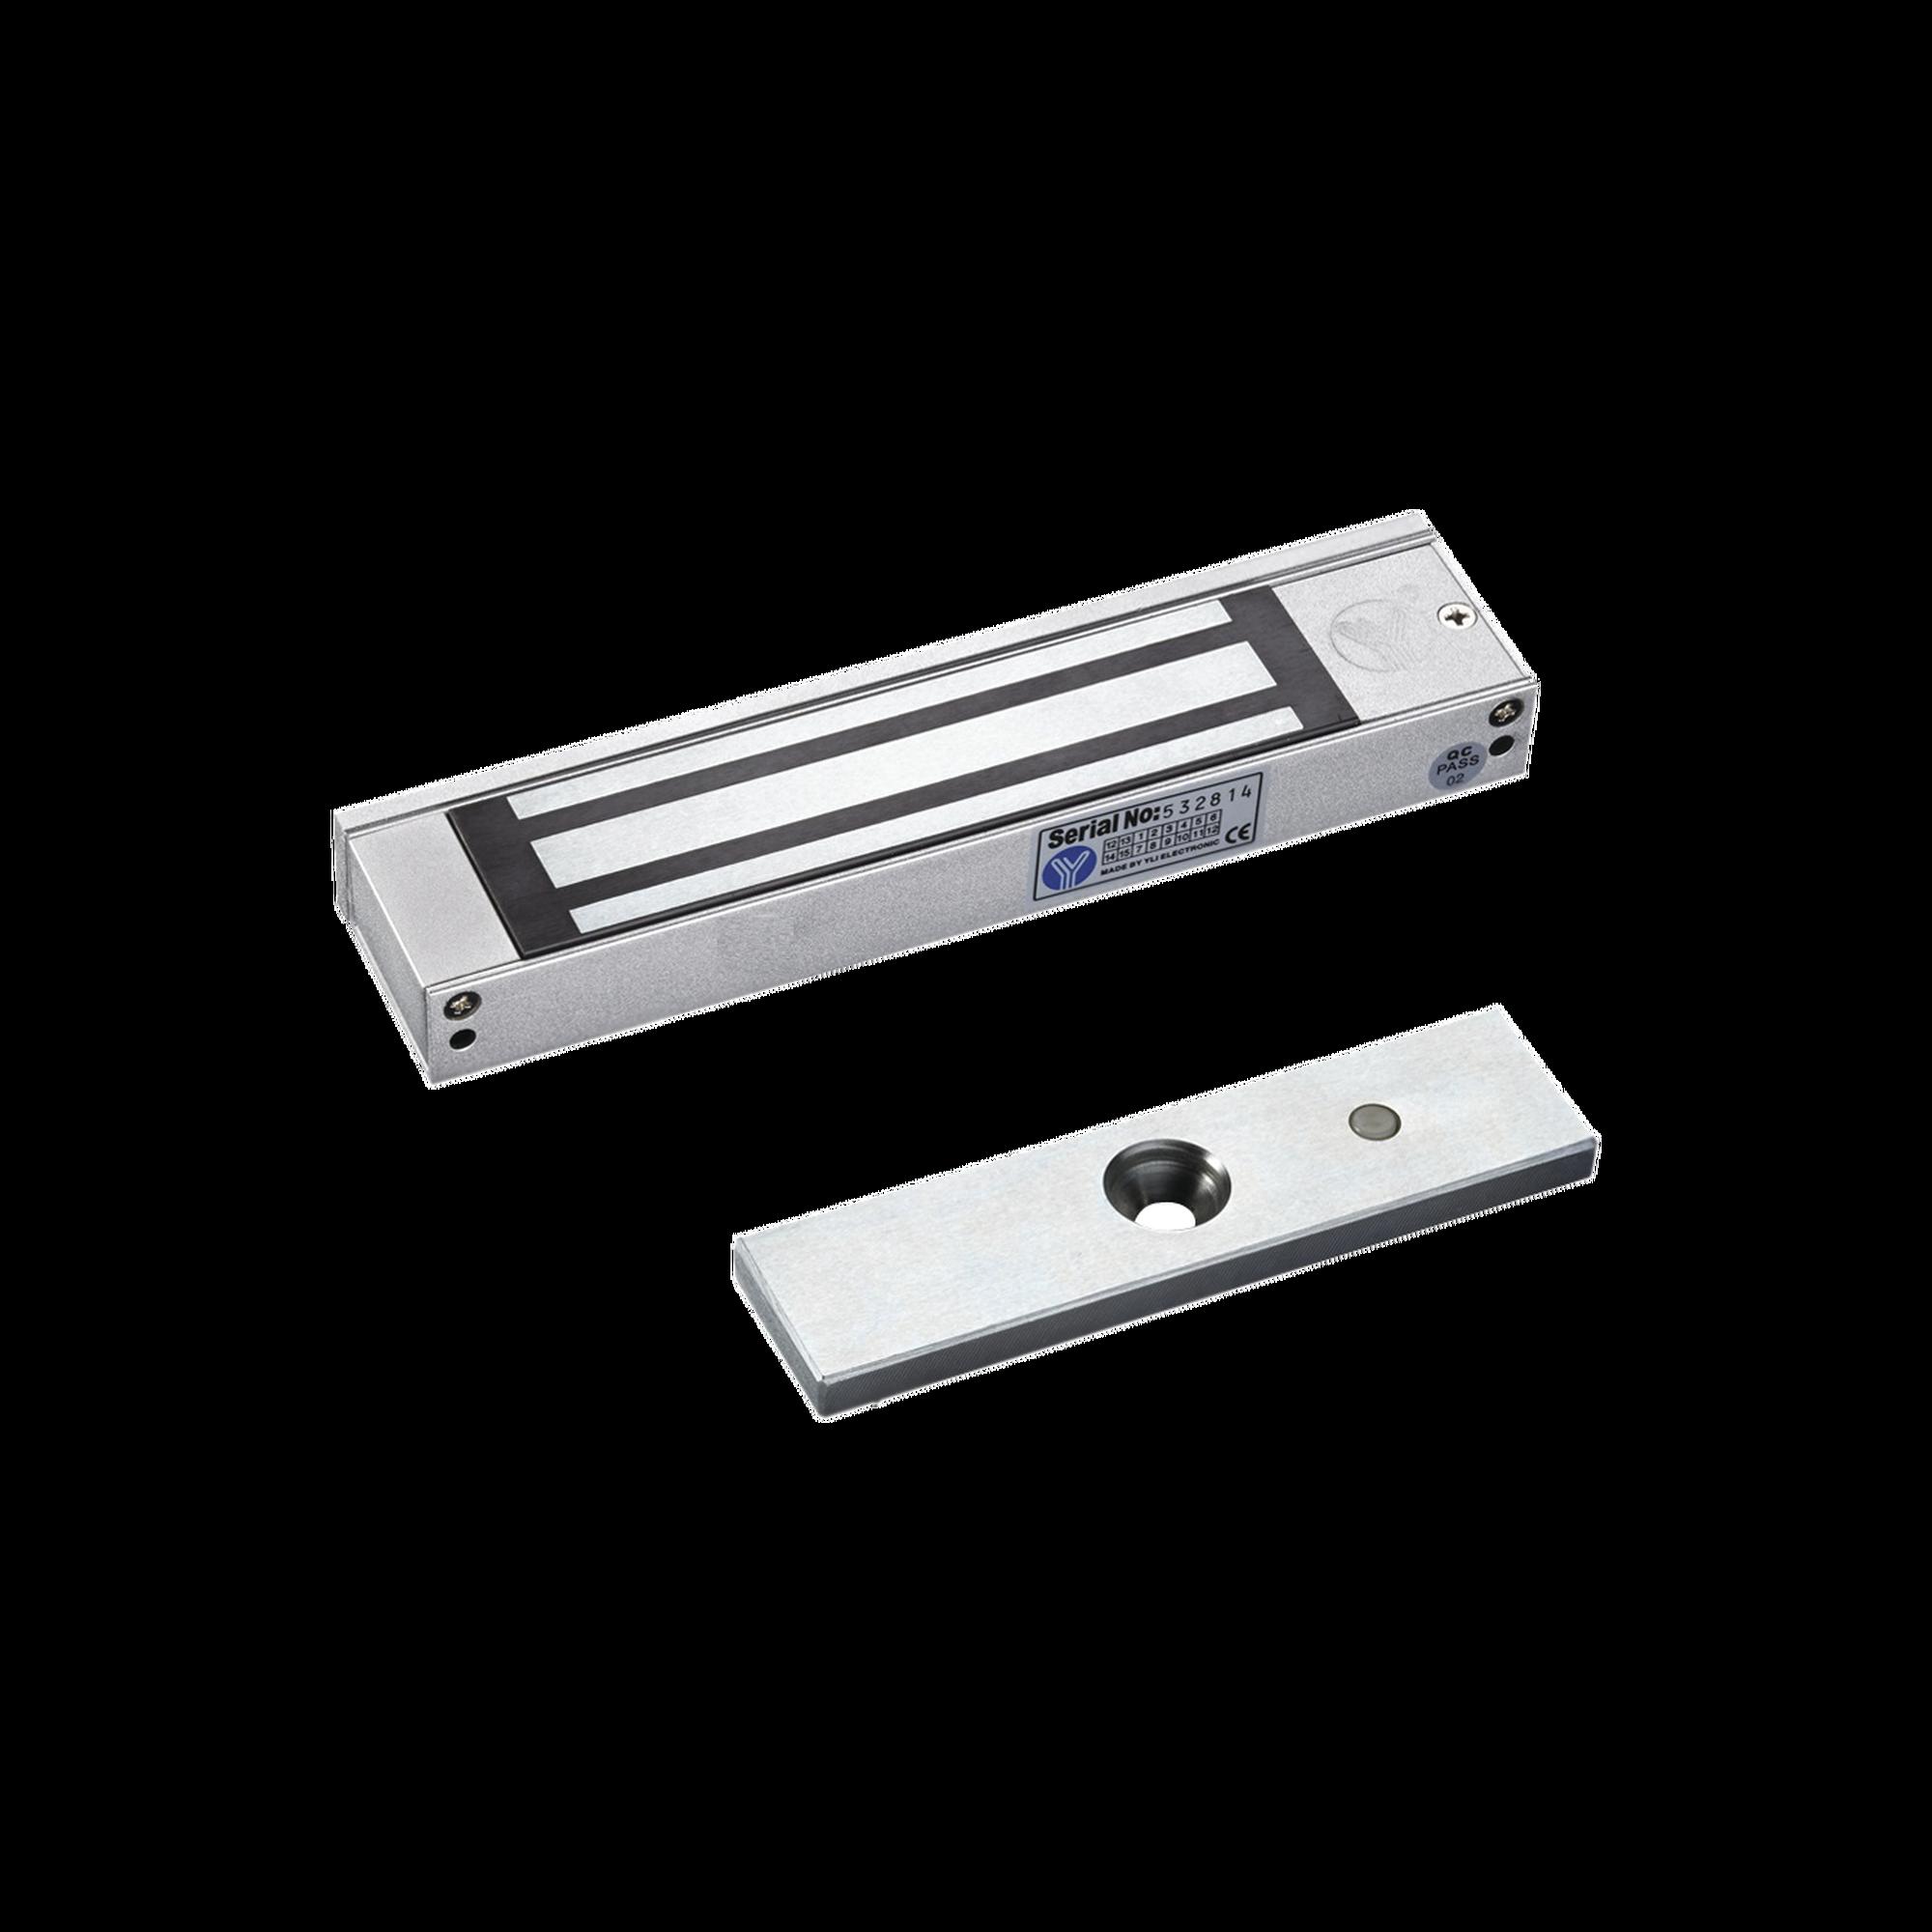 Chapa magnética de 350 lbs / Sensor de estado de la placa/ Para uso en interior